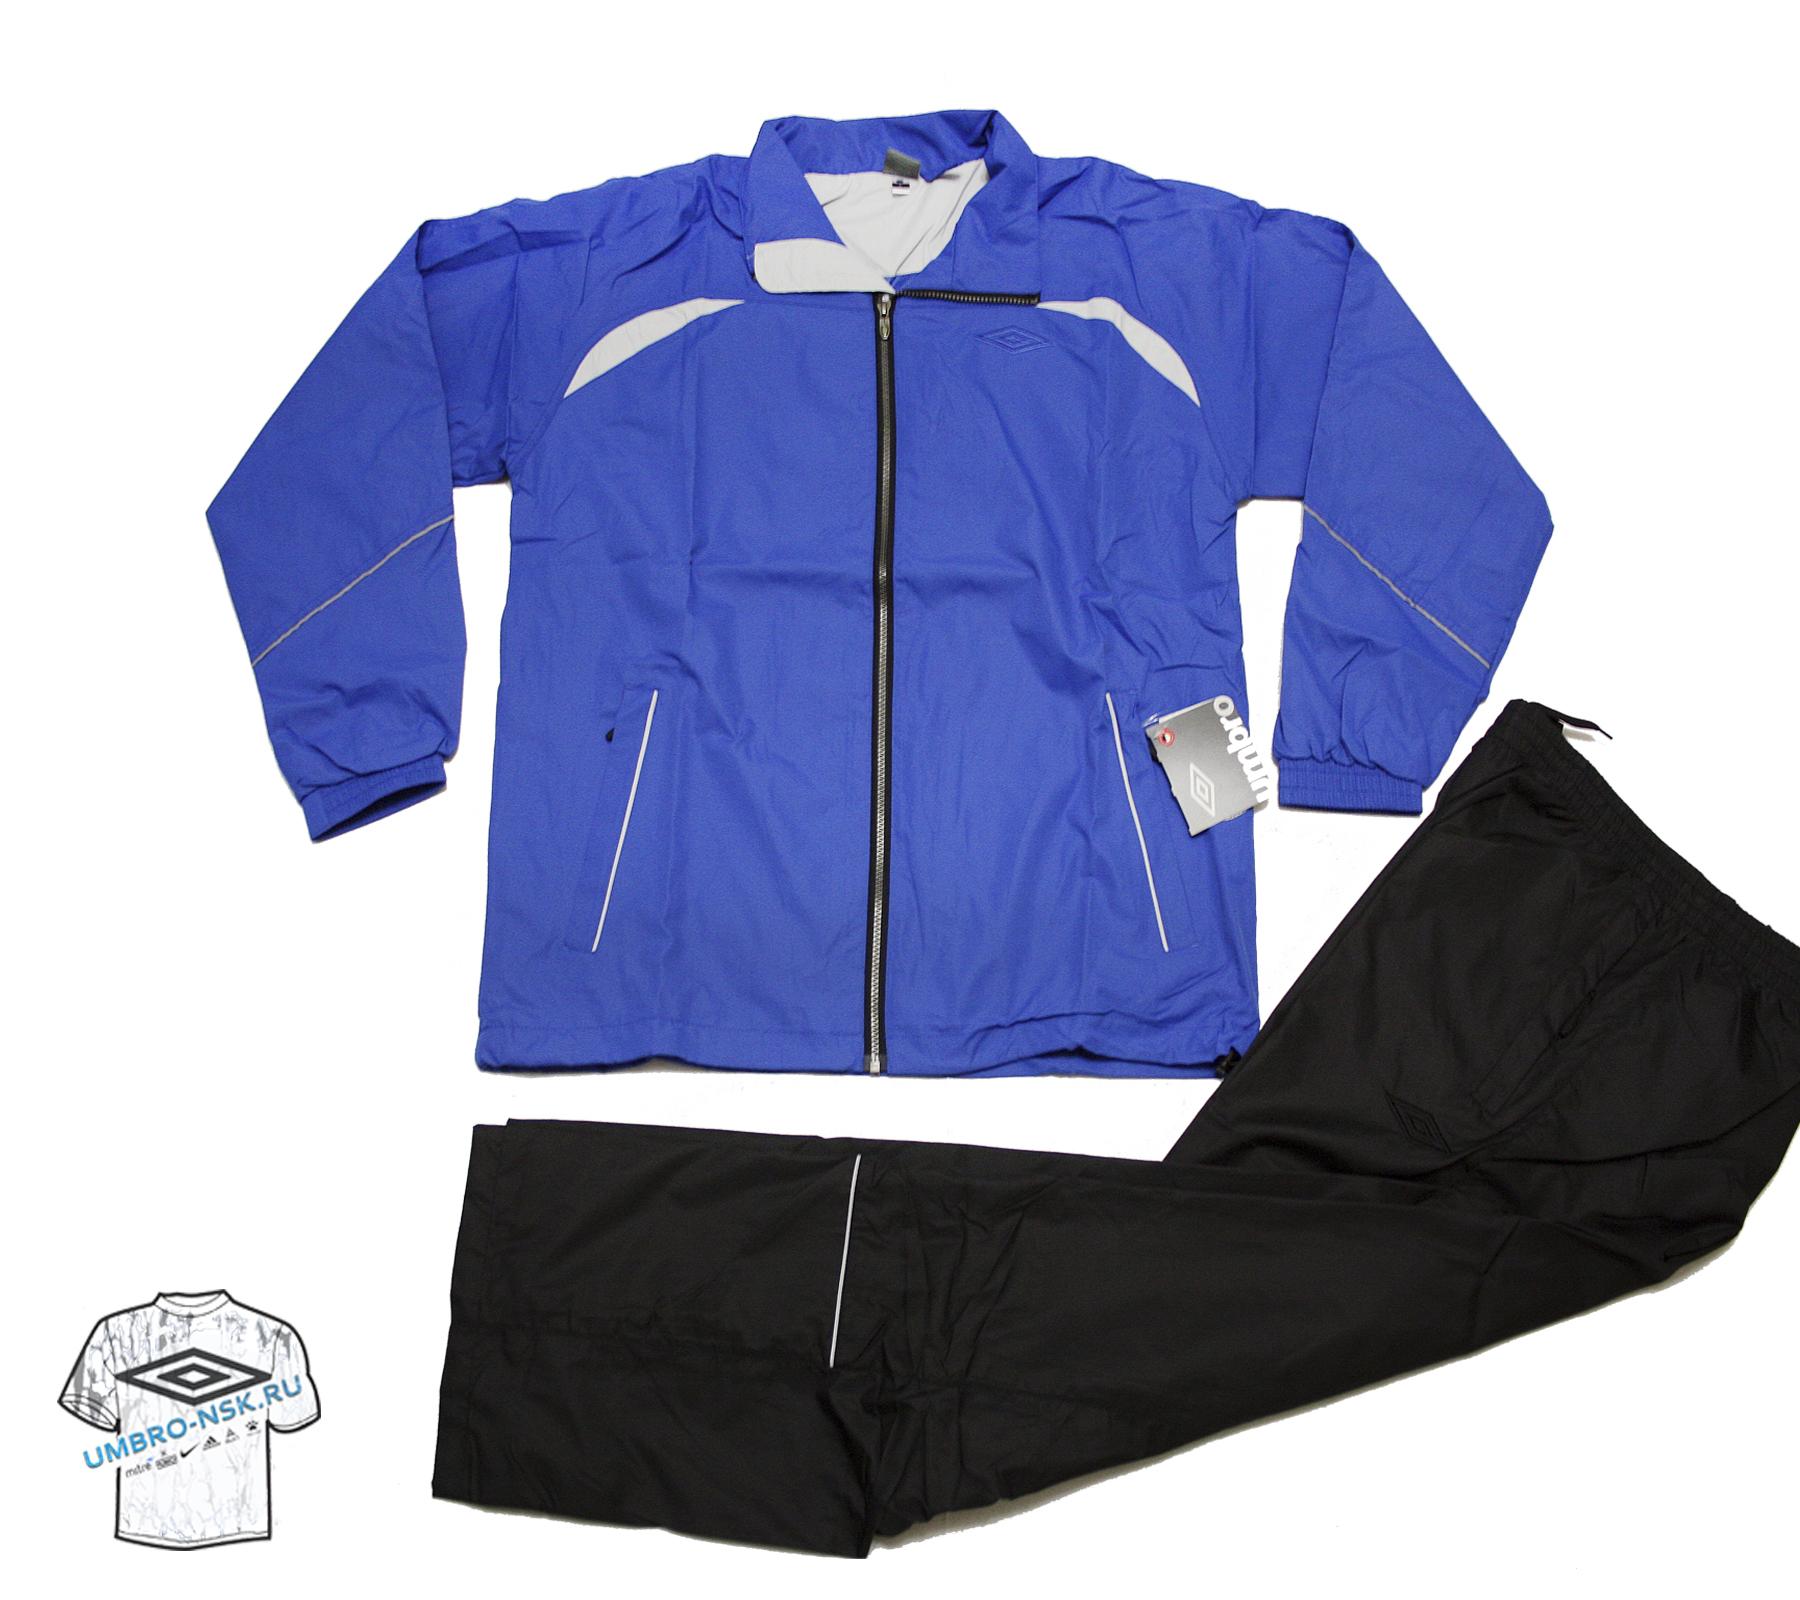 Синий спортивный костюм Umbro Wilson Lined Suit 102500-451